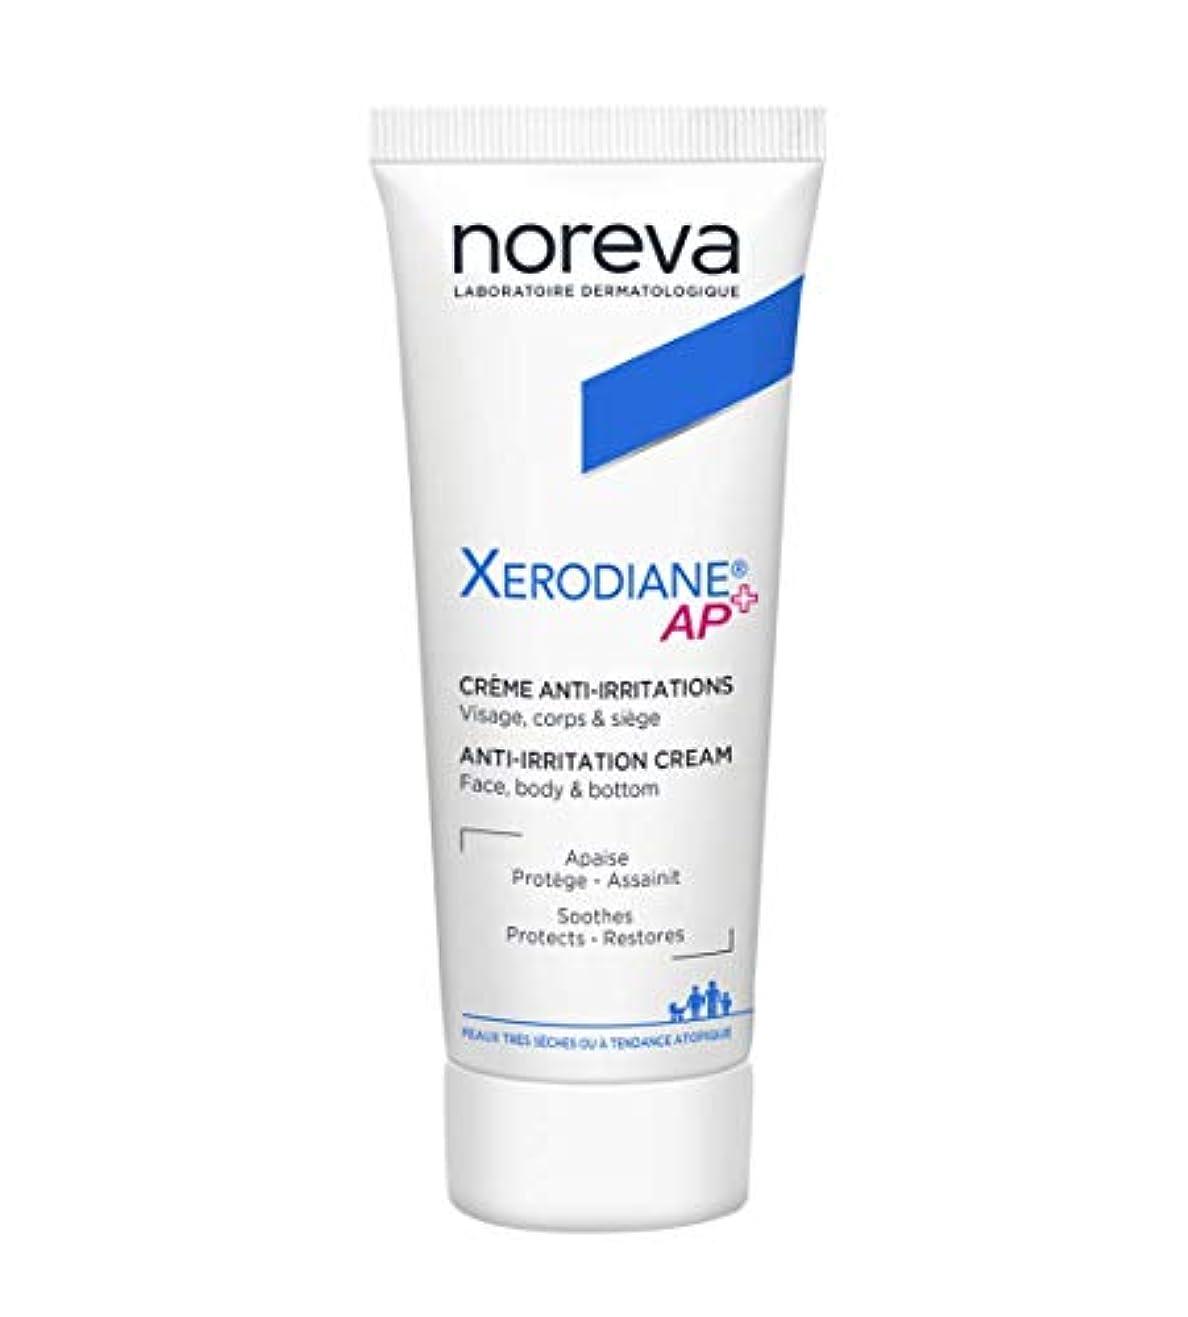 敗北普遍的なマウスピースNoreva Xerodianeプラスクリーム40ミリリットルアンチ炎症